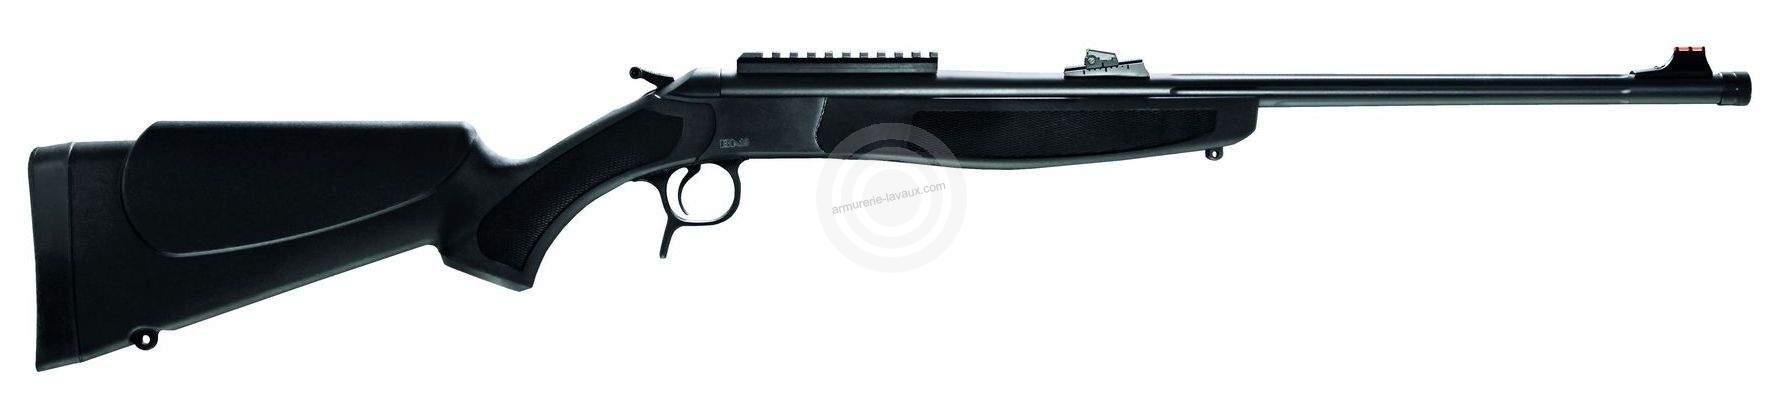 Carabine BERGARA SCOUT DK4 Synthétique cal.243 Win (canon 58cm)